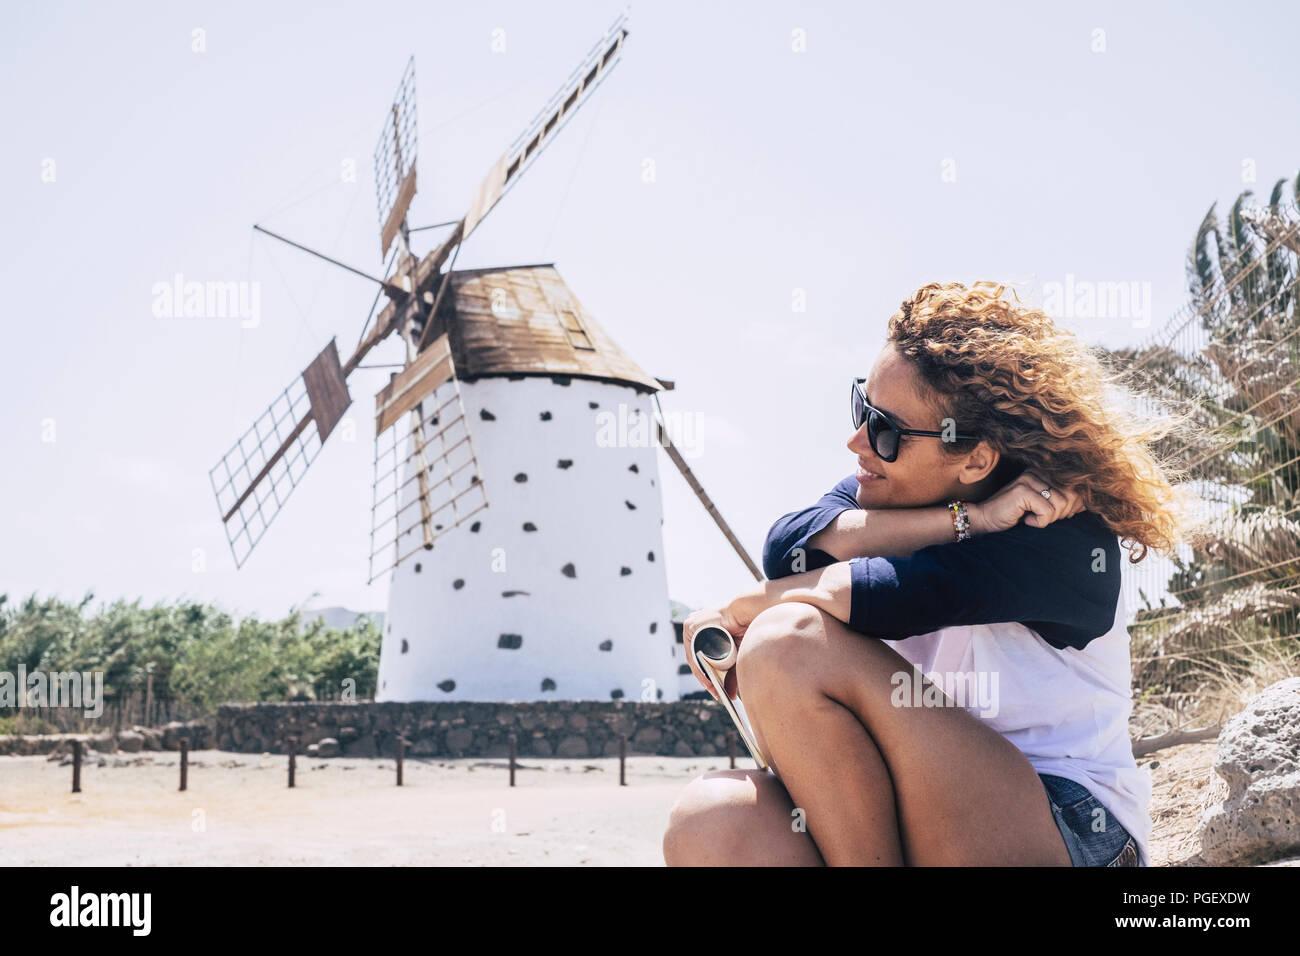 Ricci bella signora seduta rilassante e con sind nei capelli e un mulino a vento sullo sfondo. lato paese luogo scenico per la pace e il relax conce Immagini Stock